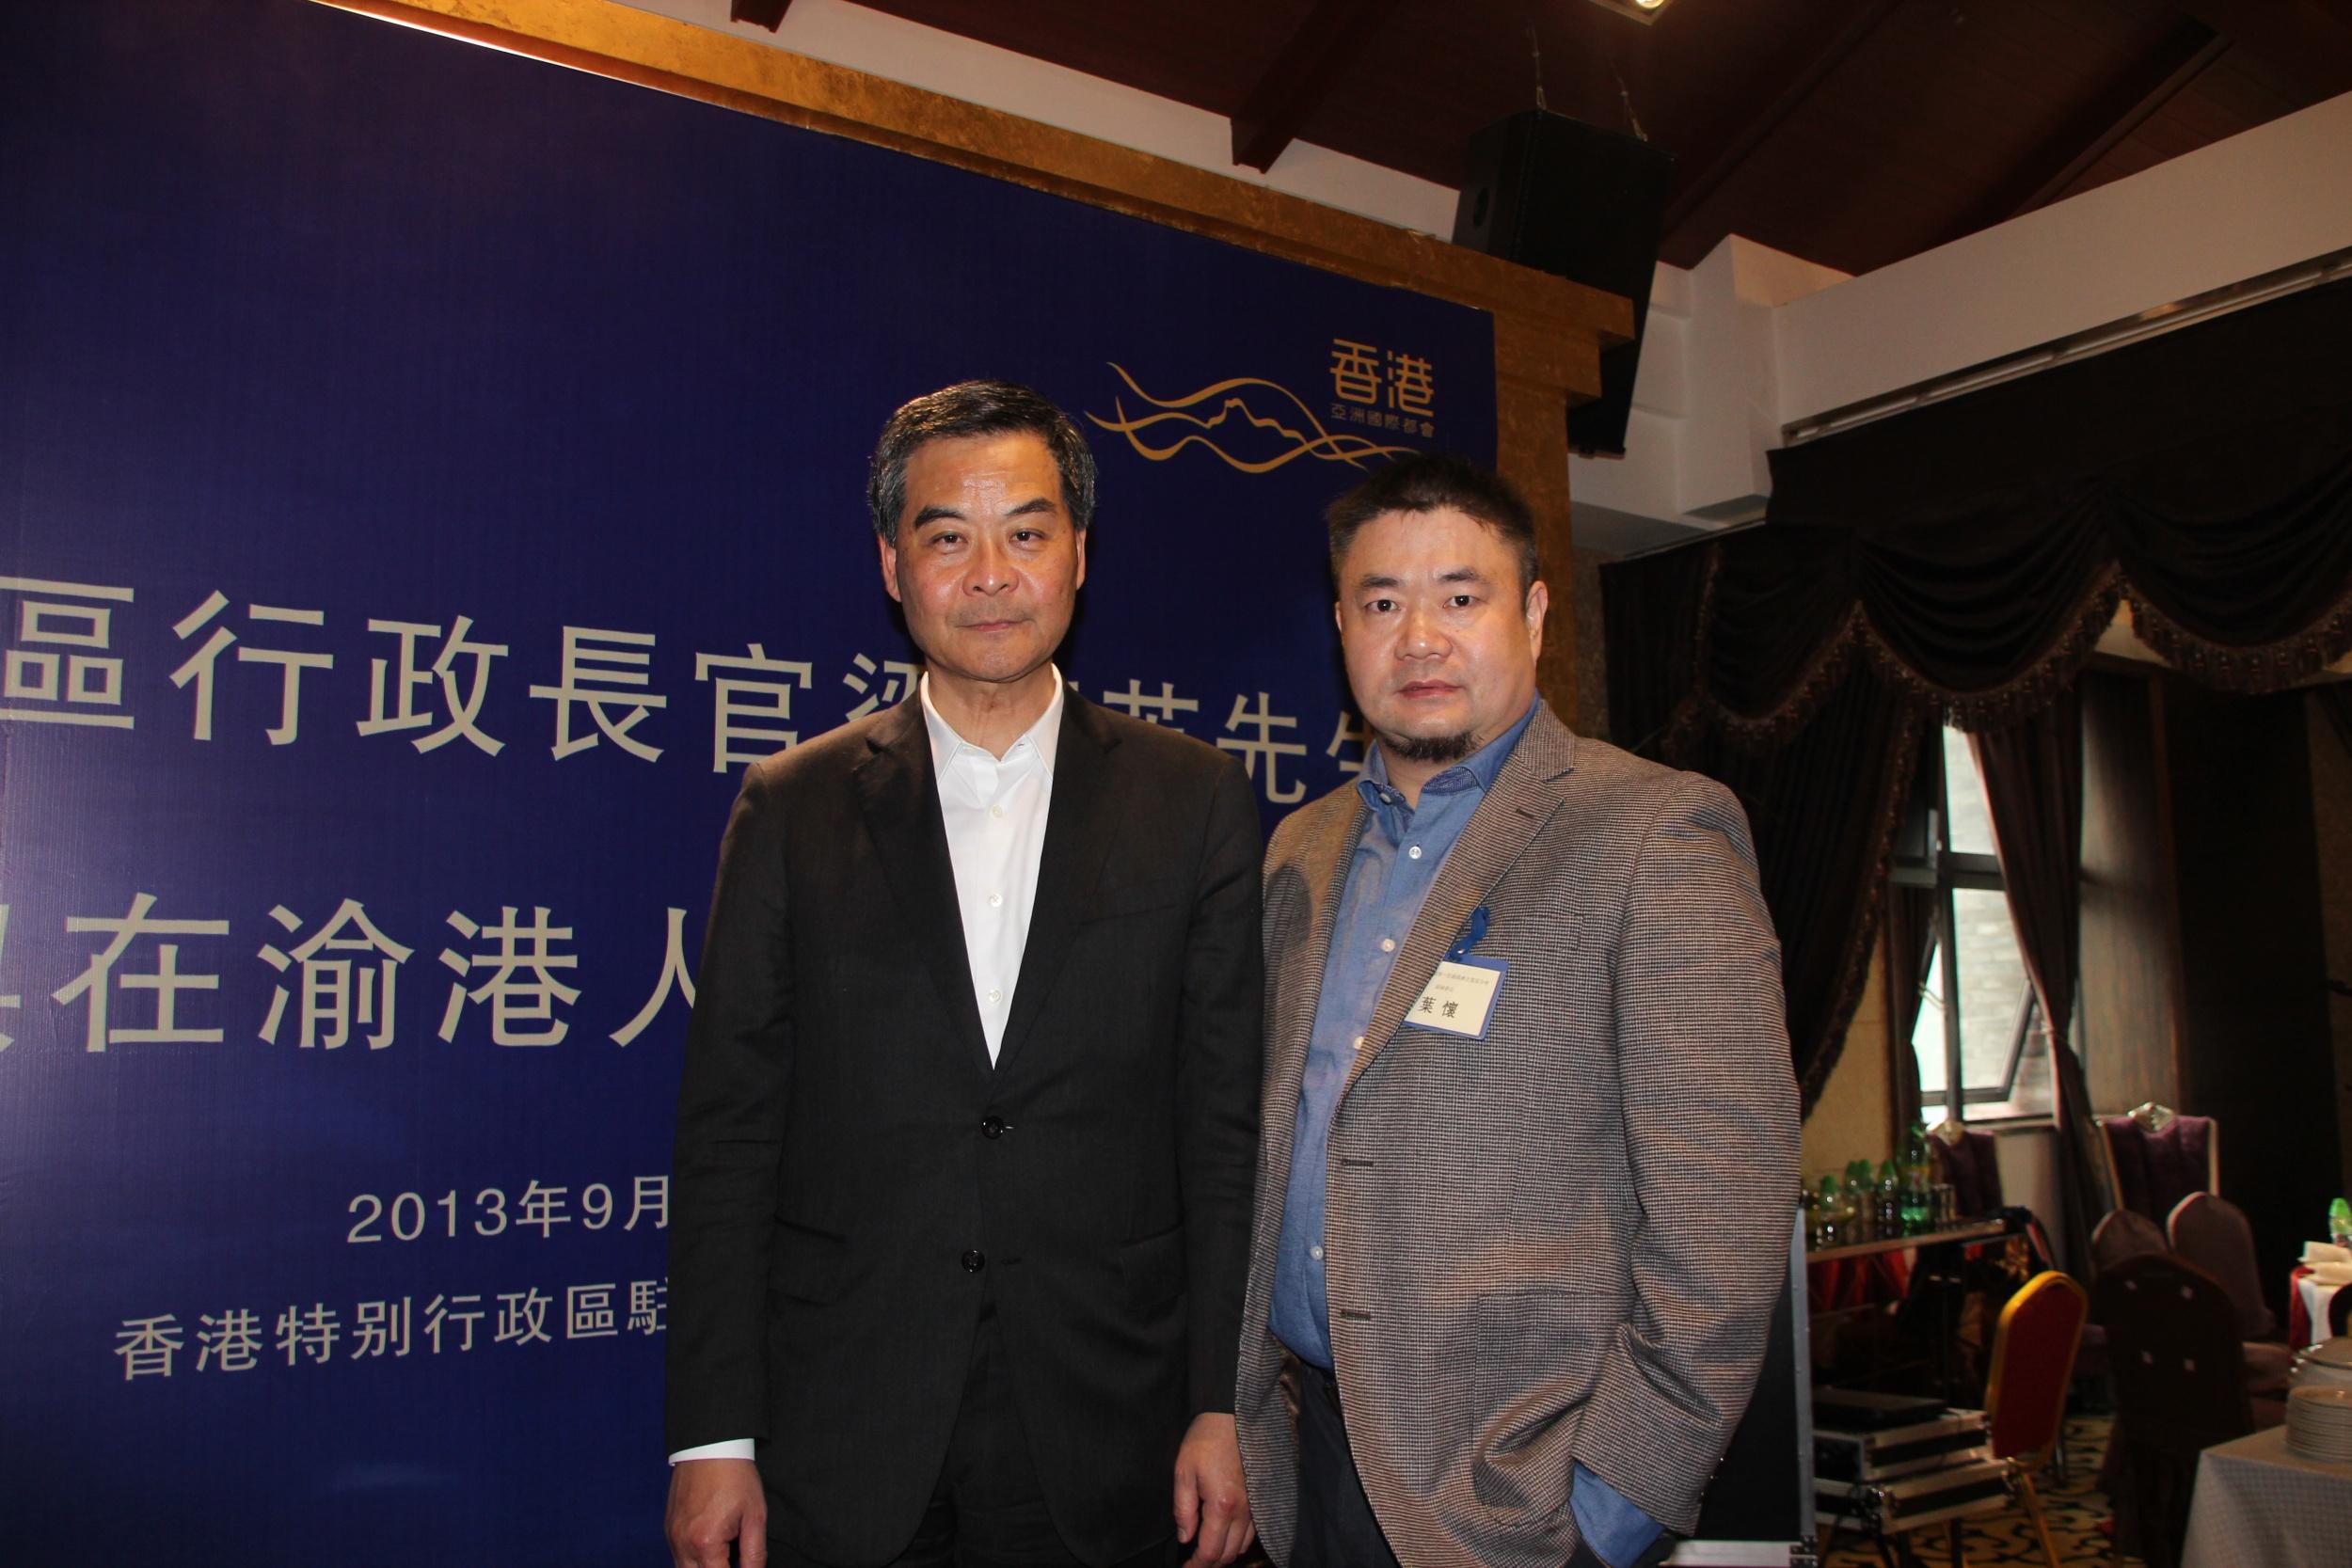 香港中怀集团董事长叶怀和前香港特首梁振英...